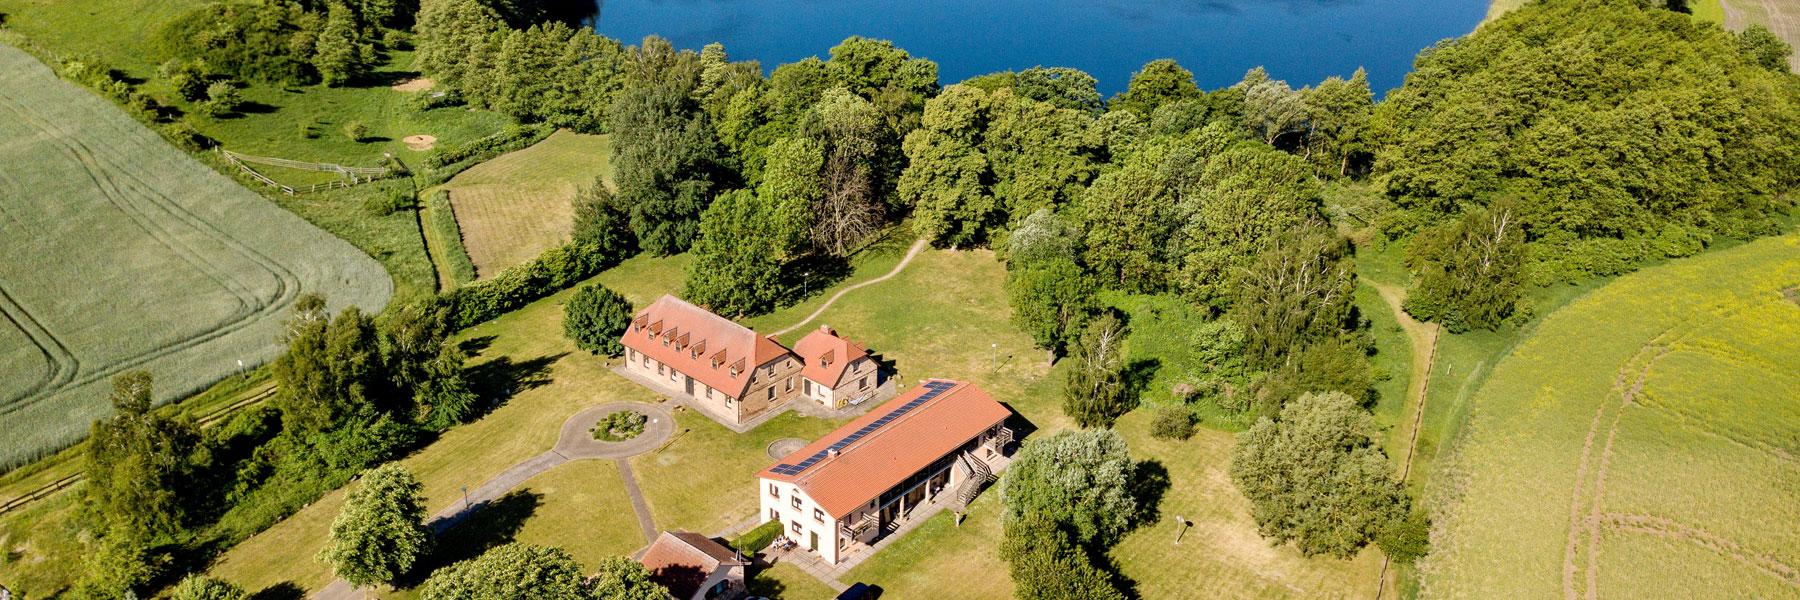 Luftaufnahme - Gästehaus BärenHof